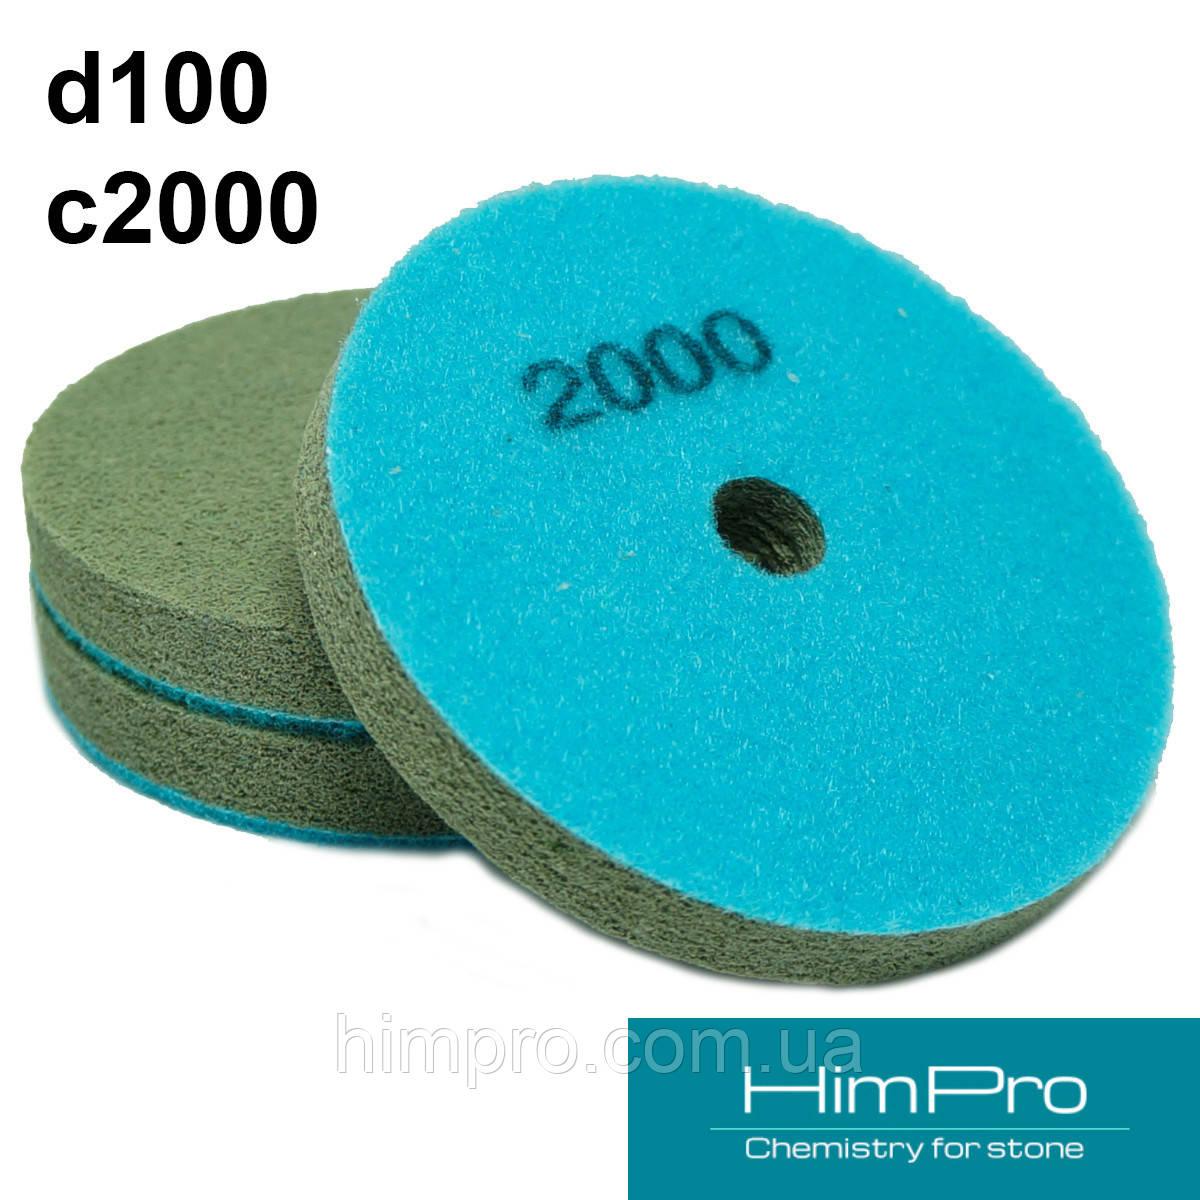 Алмазные спонжи d100 C2000